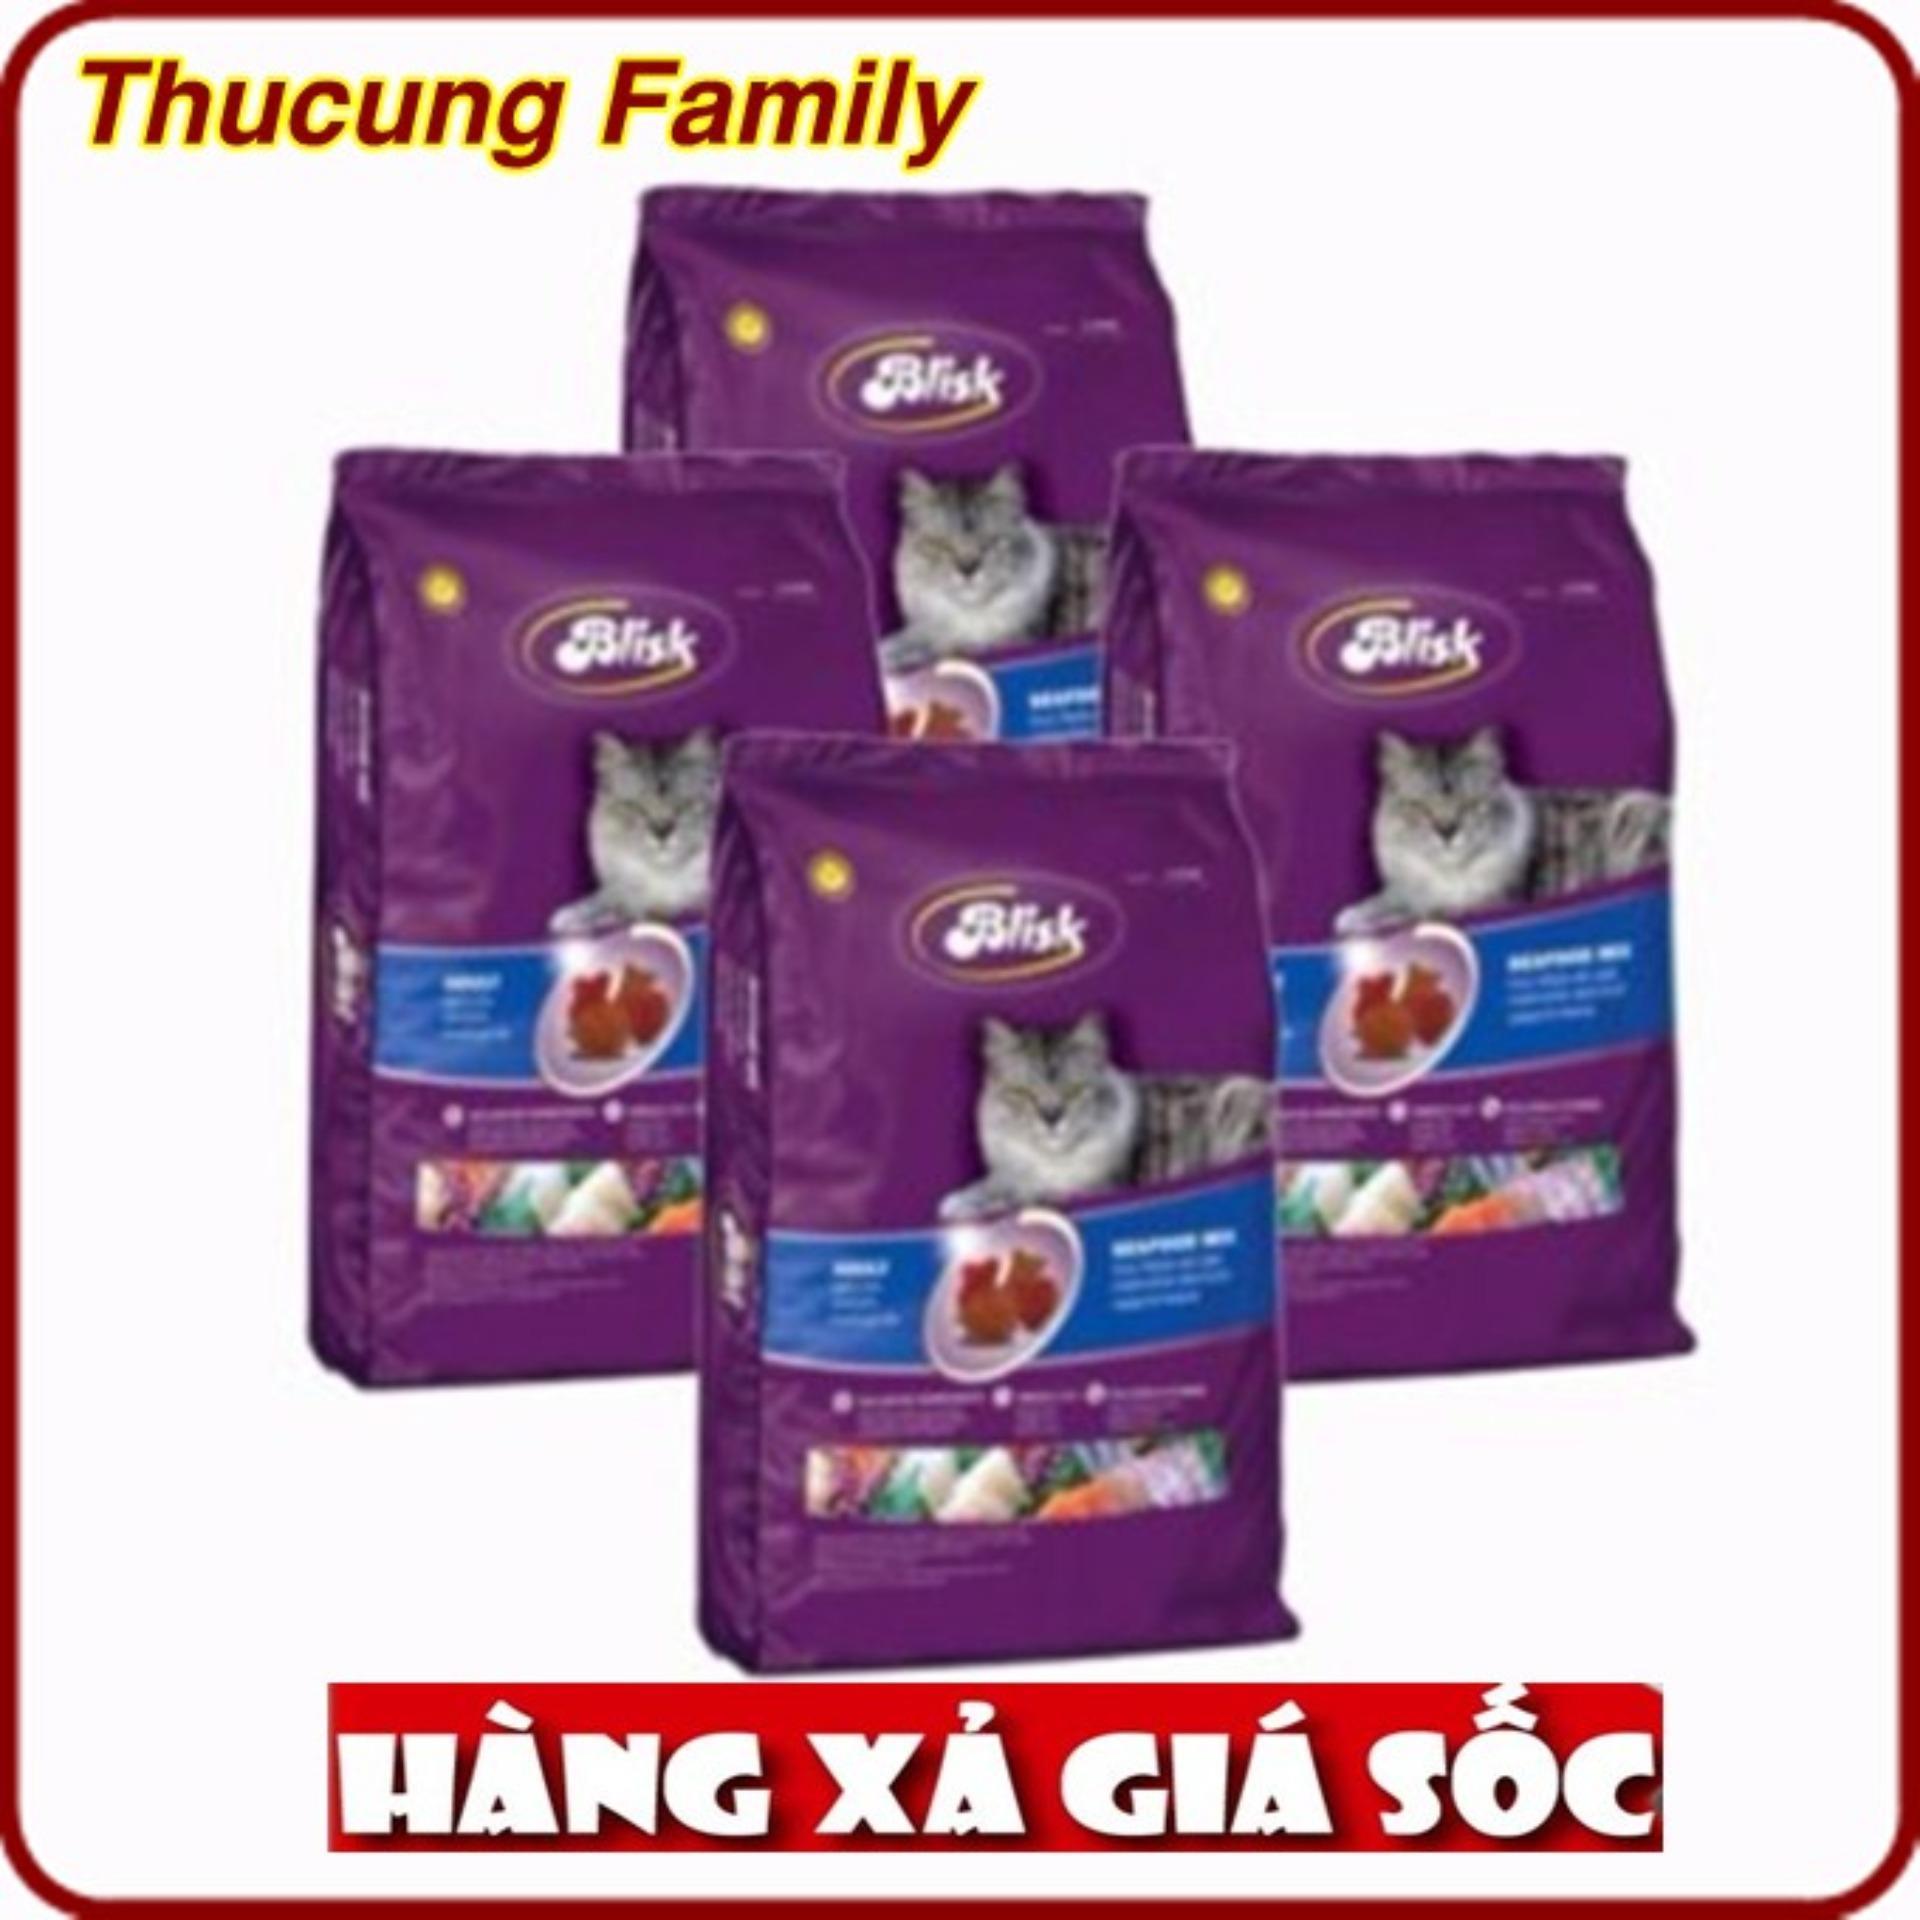 COMBO 4 túi thức ăn hạt cho Mèo ( mọi lứa tuổi) Blisk 500gr. Sản phẩm của PHÁP